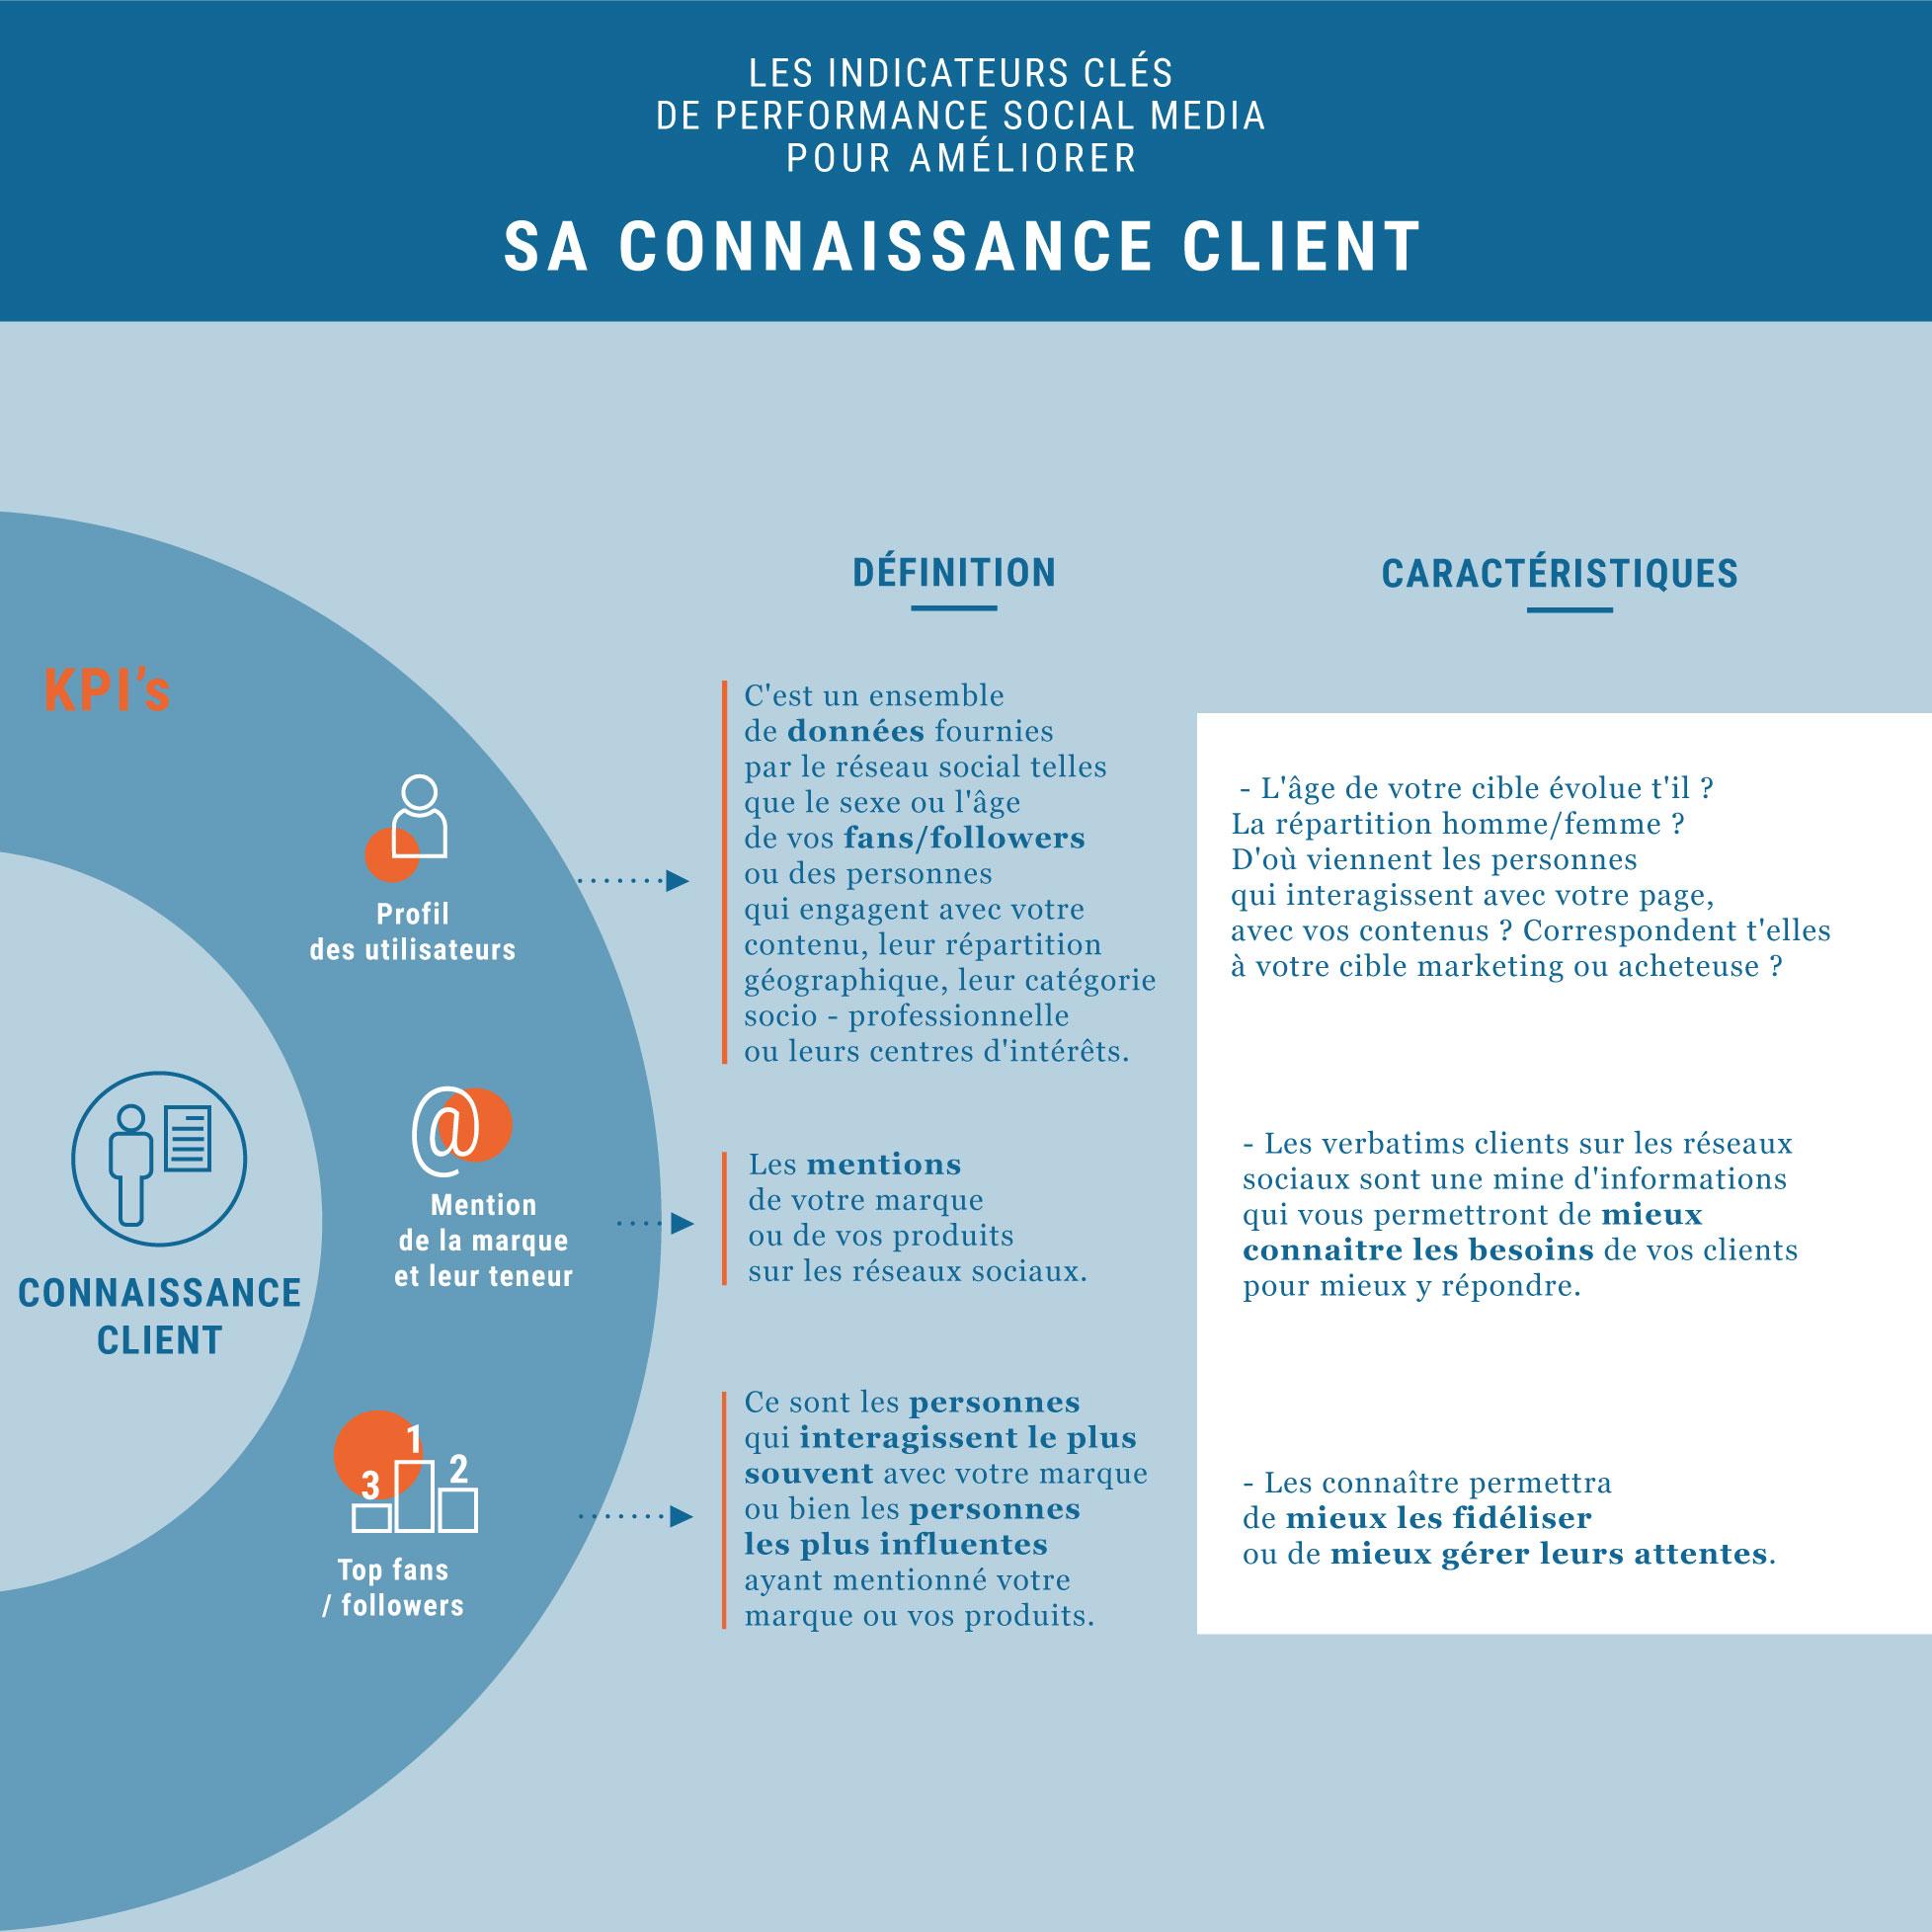 Infographie des KPI's pour améliorer sa connaissance client